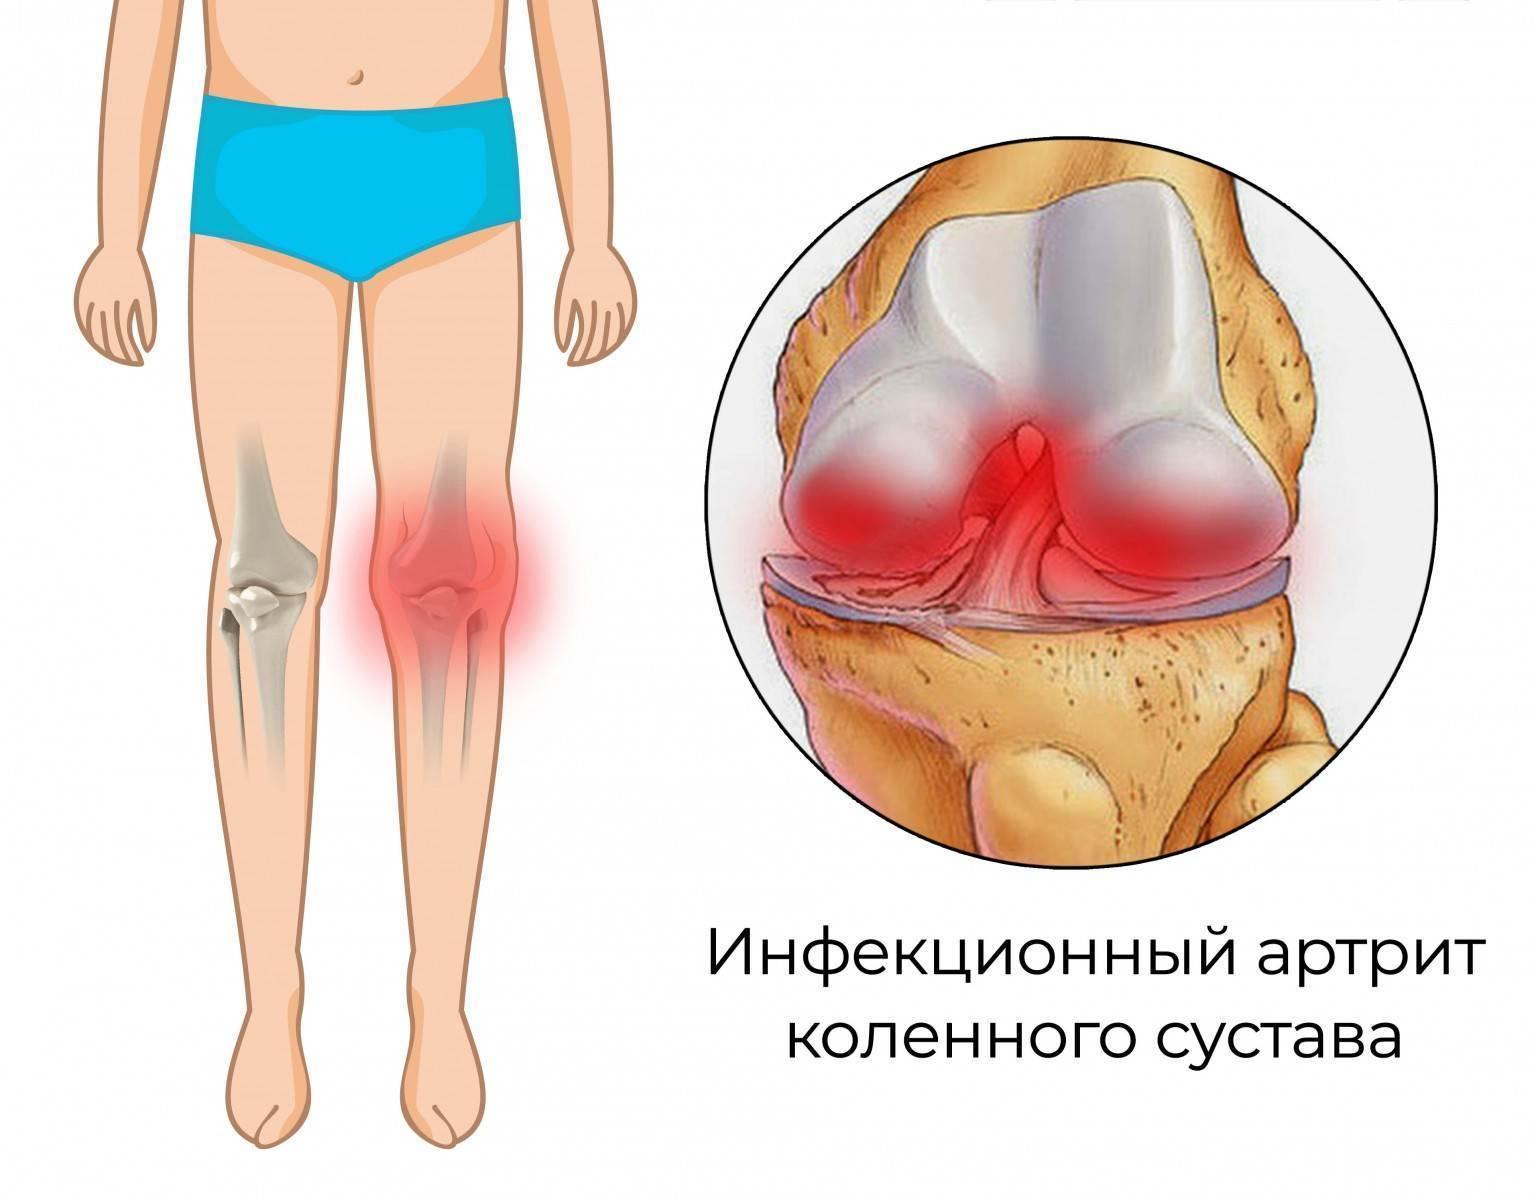 Реактивный артрит (синдром рейтера). причины, симптомы, признаки, диагностика и лечение патологии